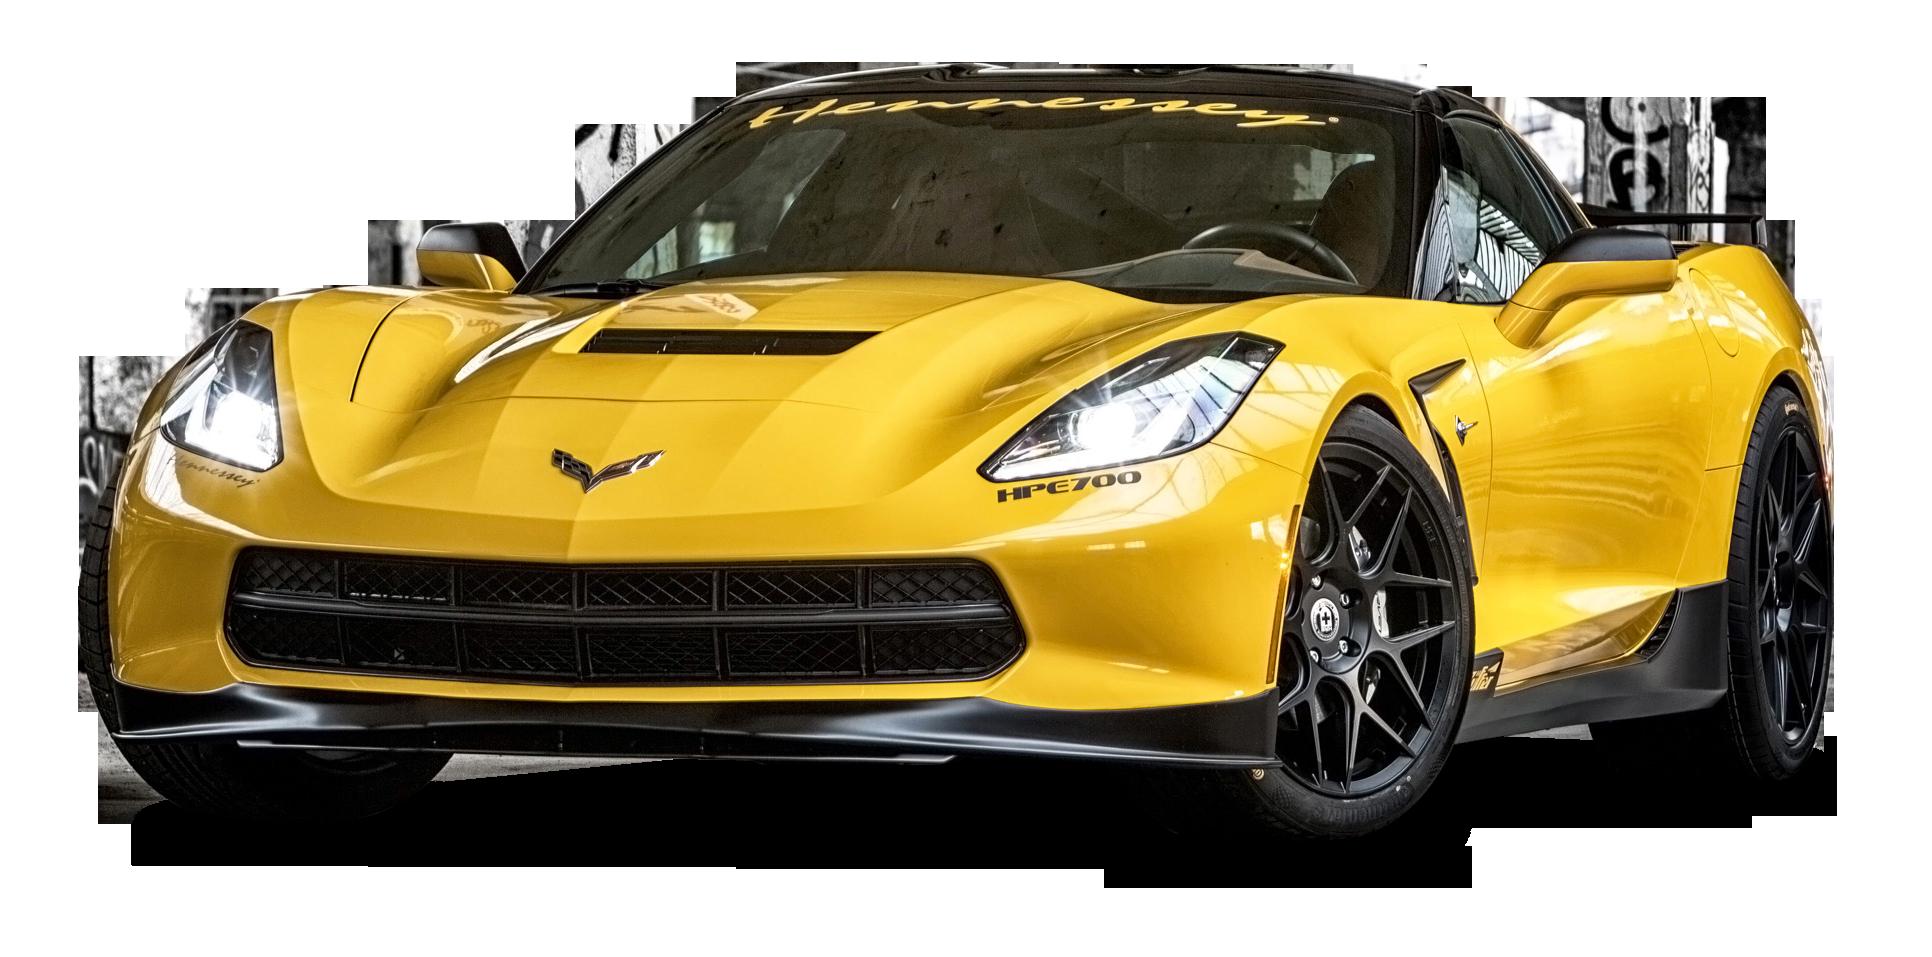 Yellow Ruffer Chevrolet Corvette HPE700 Car